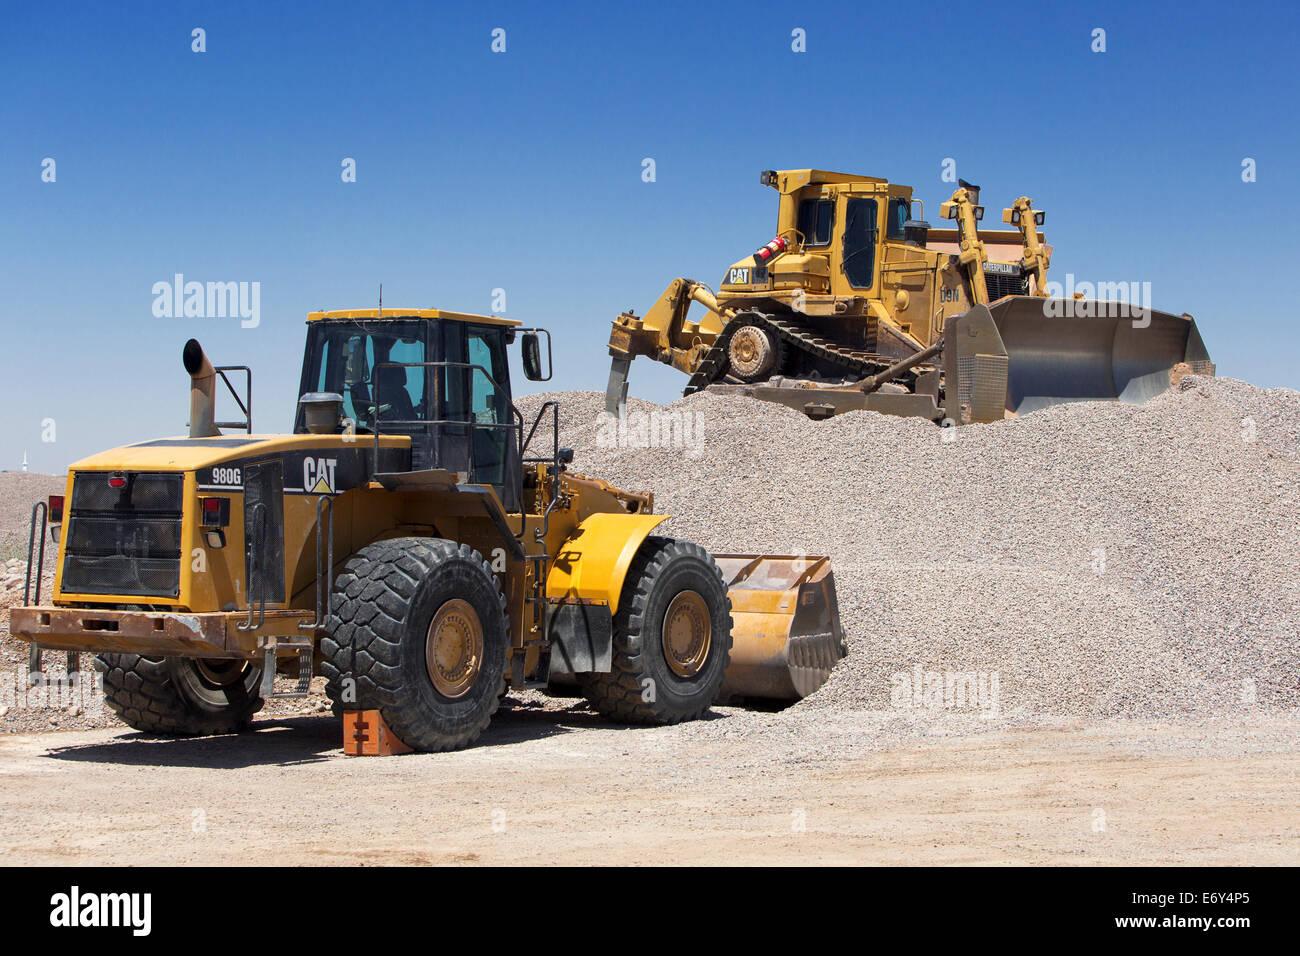 CAT 980G Cargador Frontal está estacionado debajo de un gato de bulldozer D9 que está estacionado en un Imagen De Stock